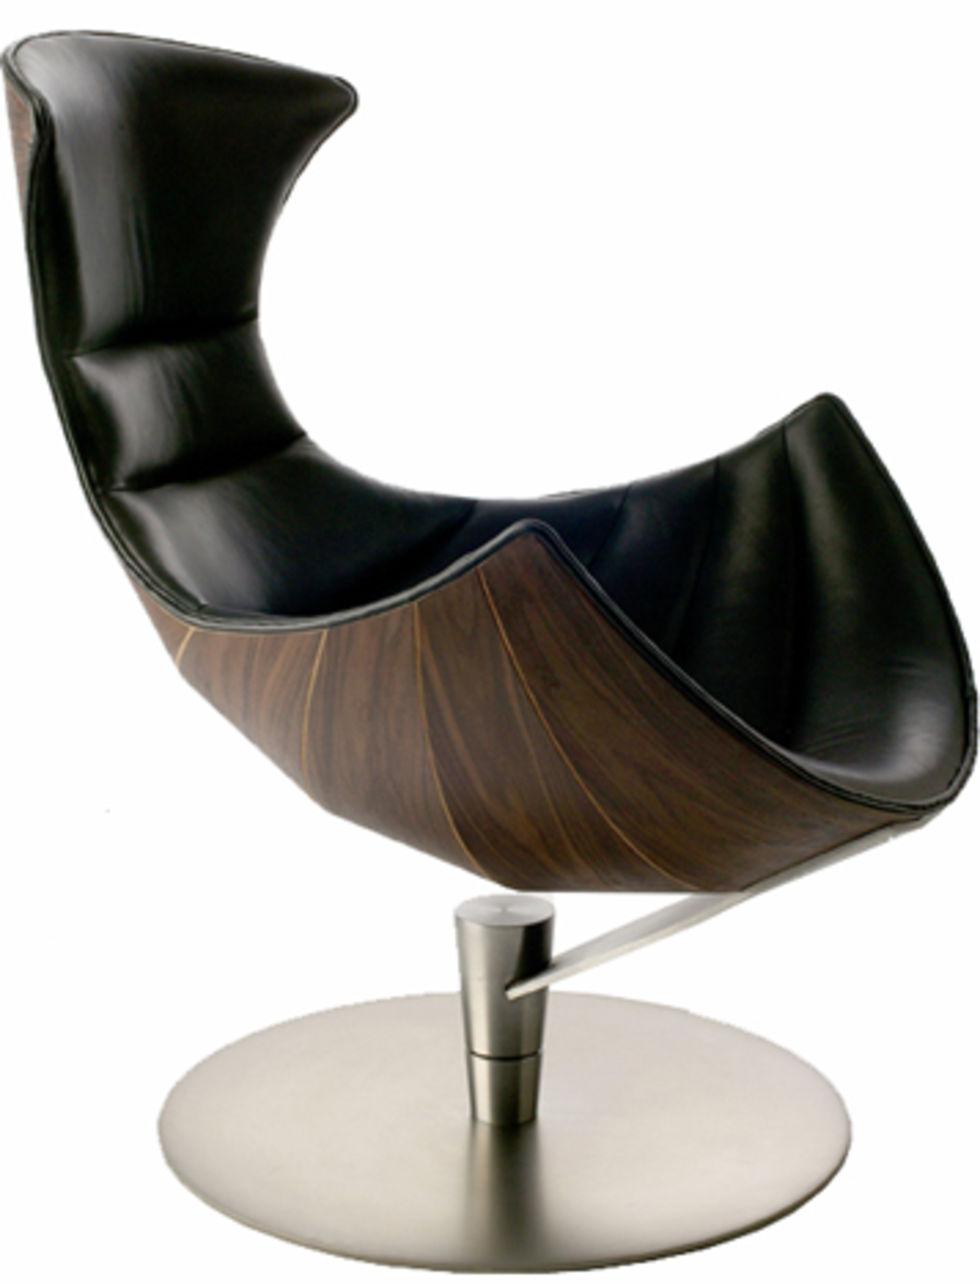 lobster fr n lund paarmann ny dansk design feber hem. Black Bedroom Furniture Sets. Home Design Ideas